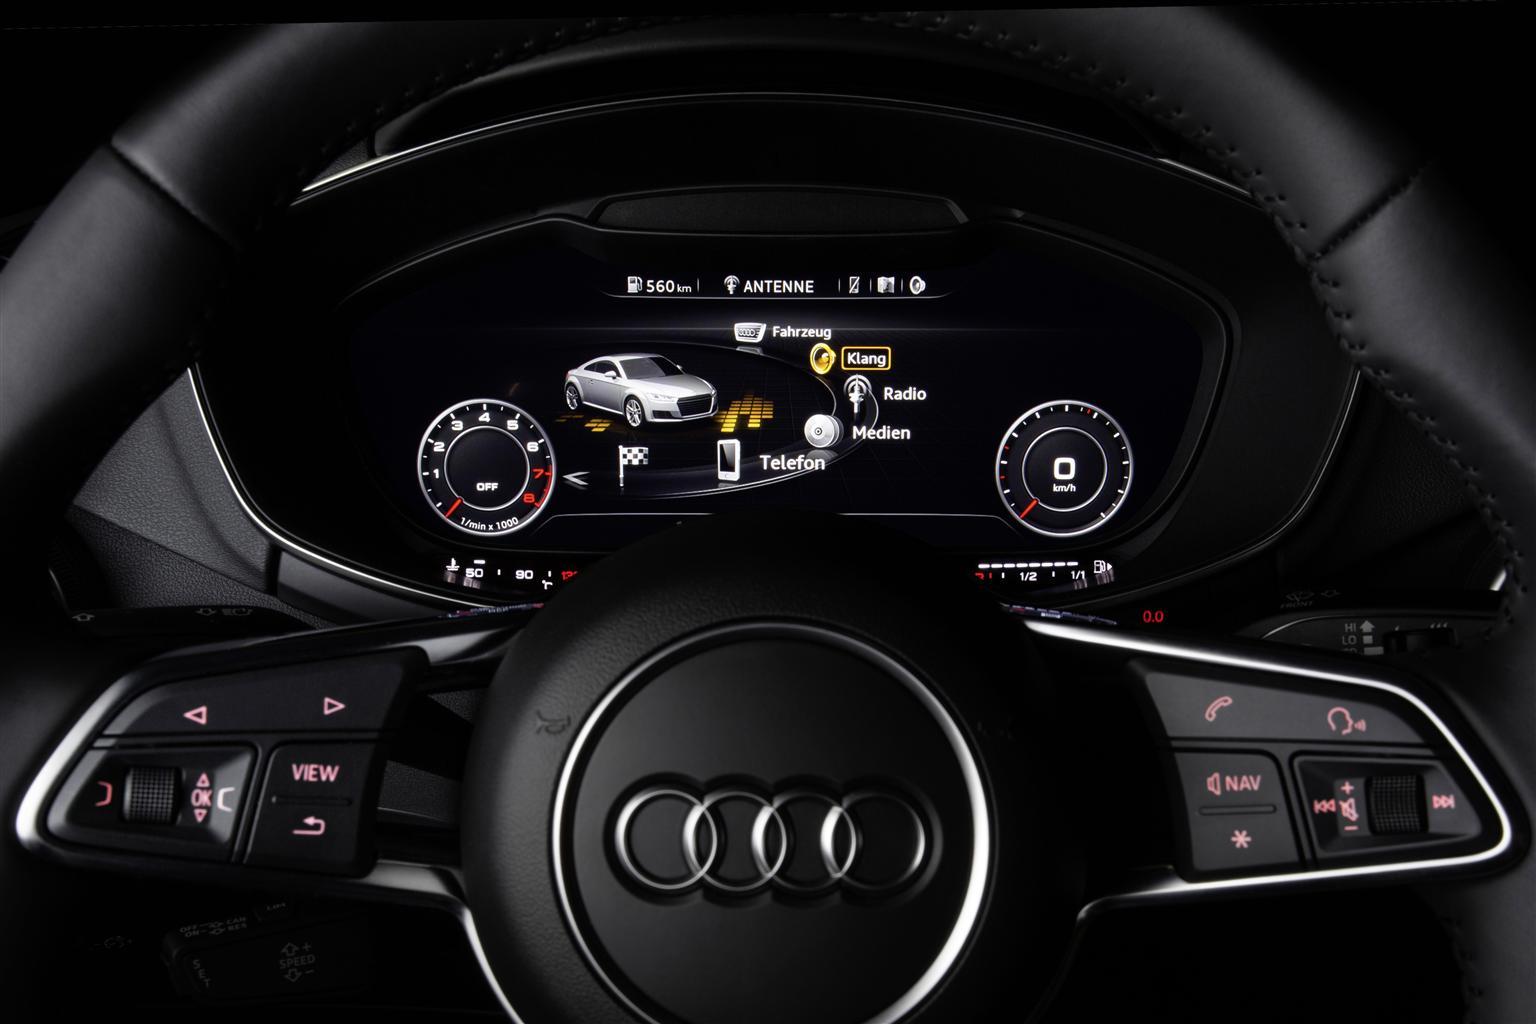 nuova Audi TT con audio Bang & Olufsen